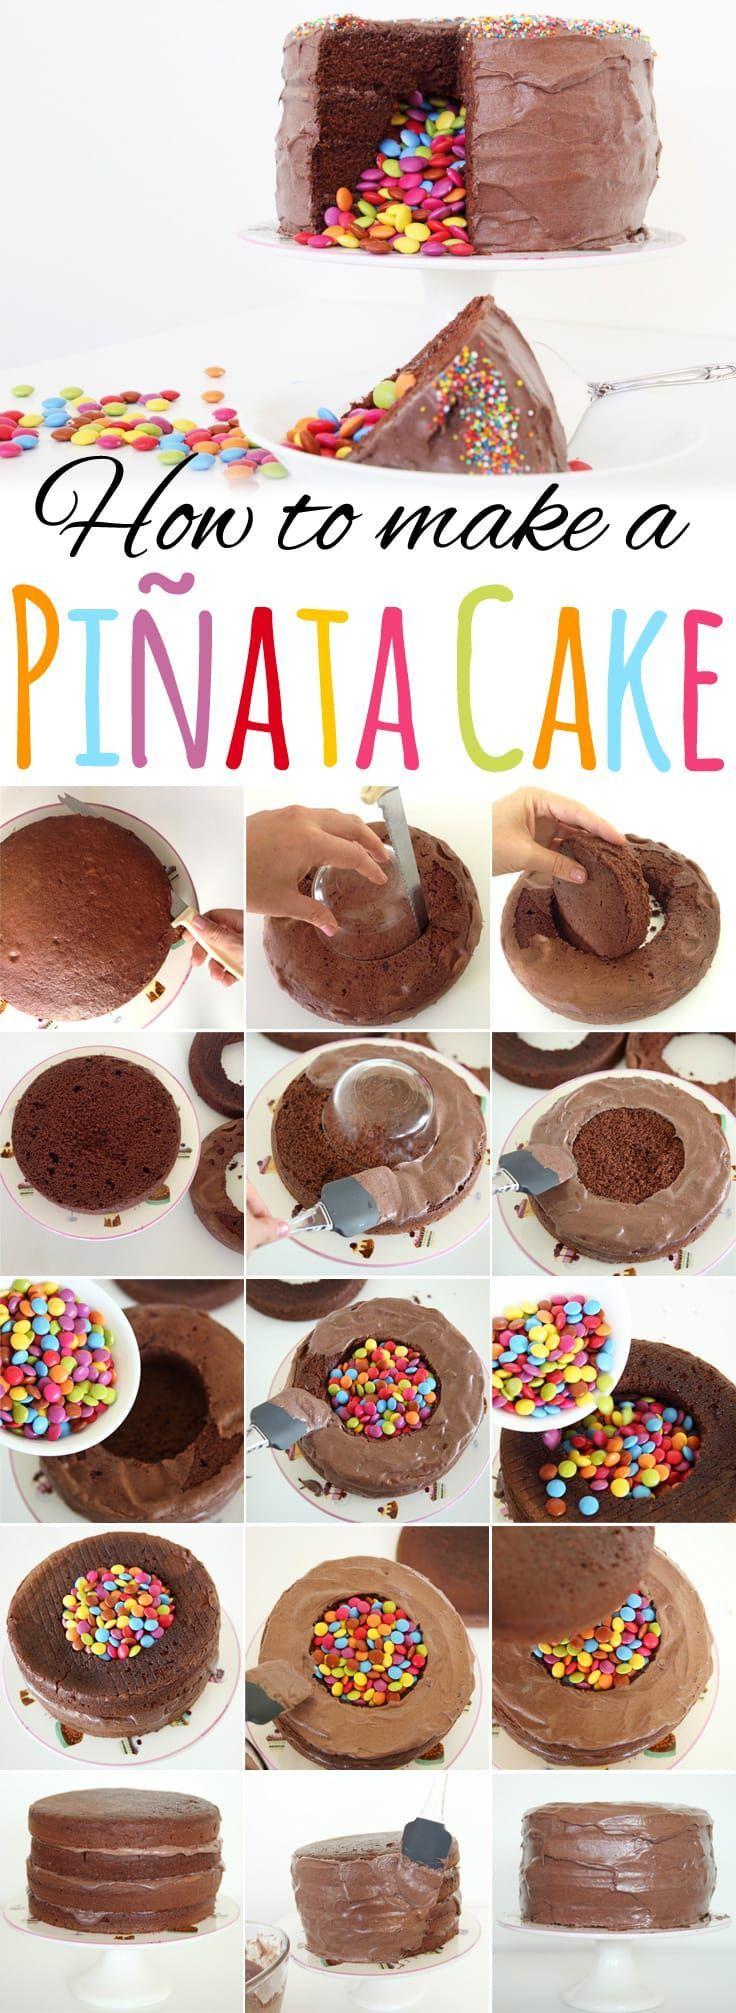 Photo of Wie man einen Piñata-Kuchen macht – Einfache Schritt-für-Schritt-Anleitung fü…